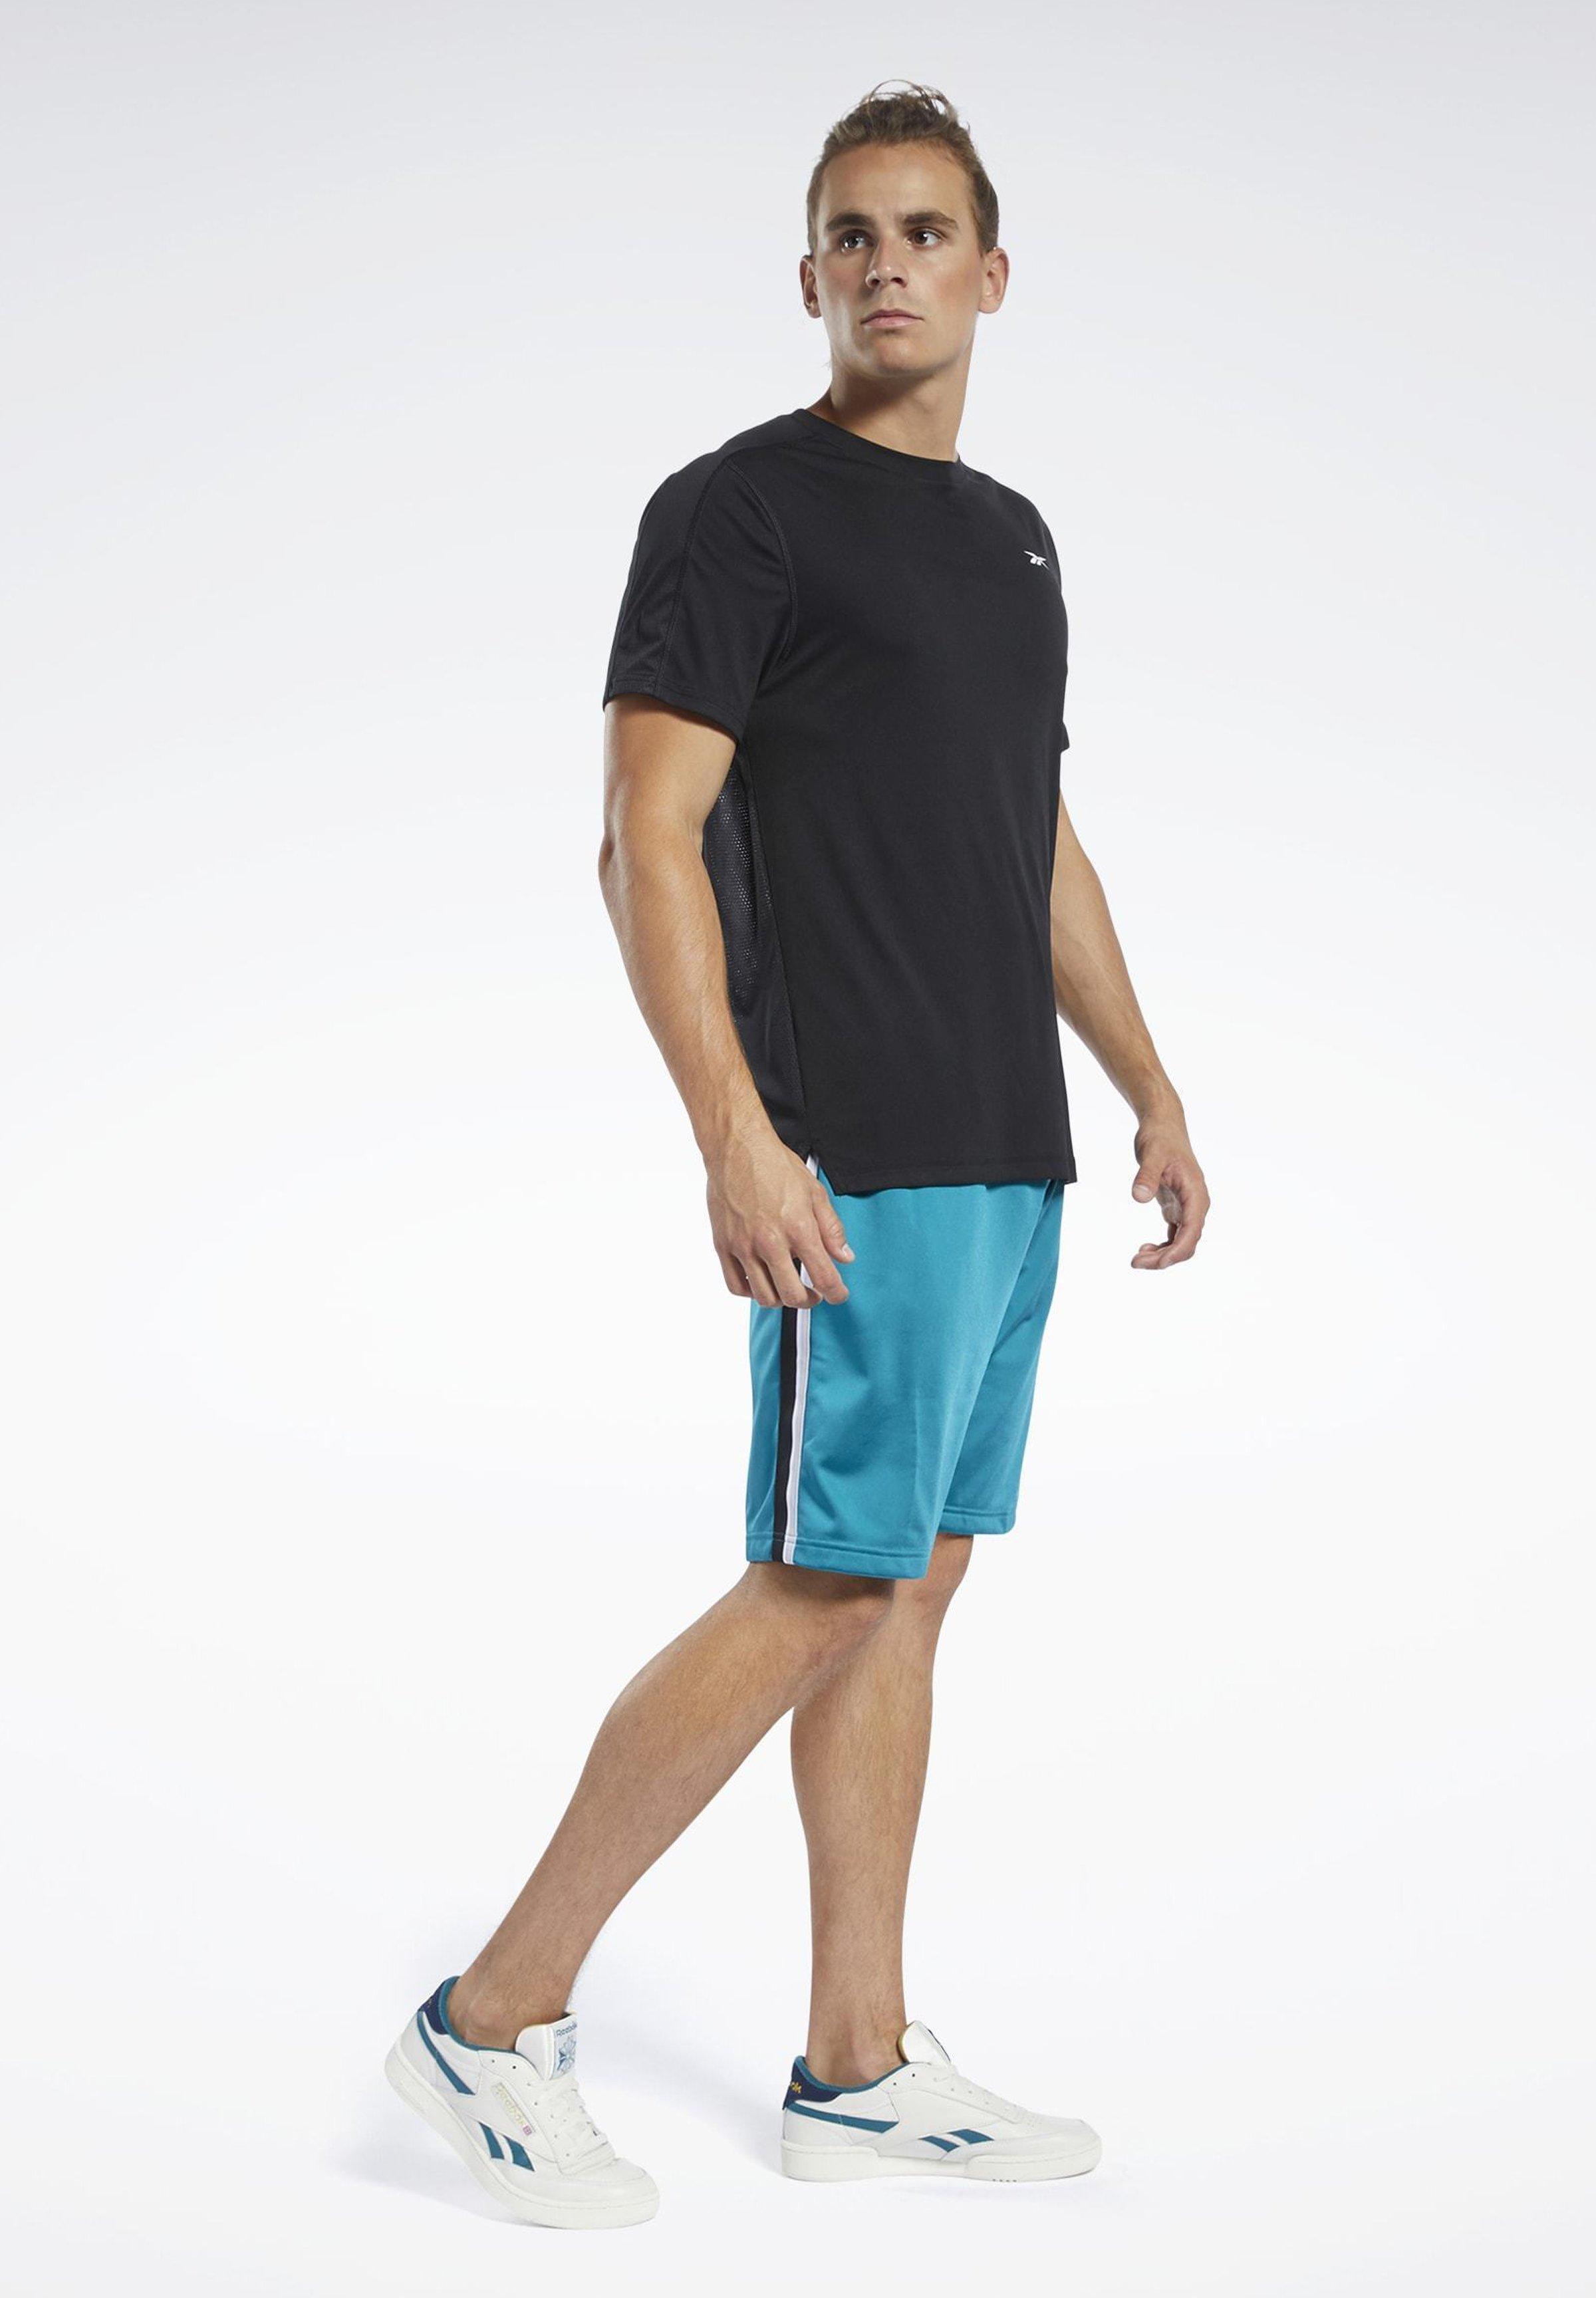 Reebok Workout Ready Tech Tee - T-shirt Basique Black